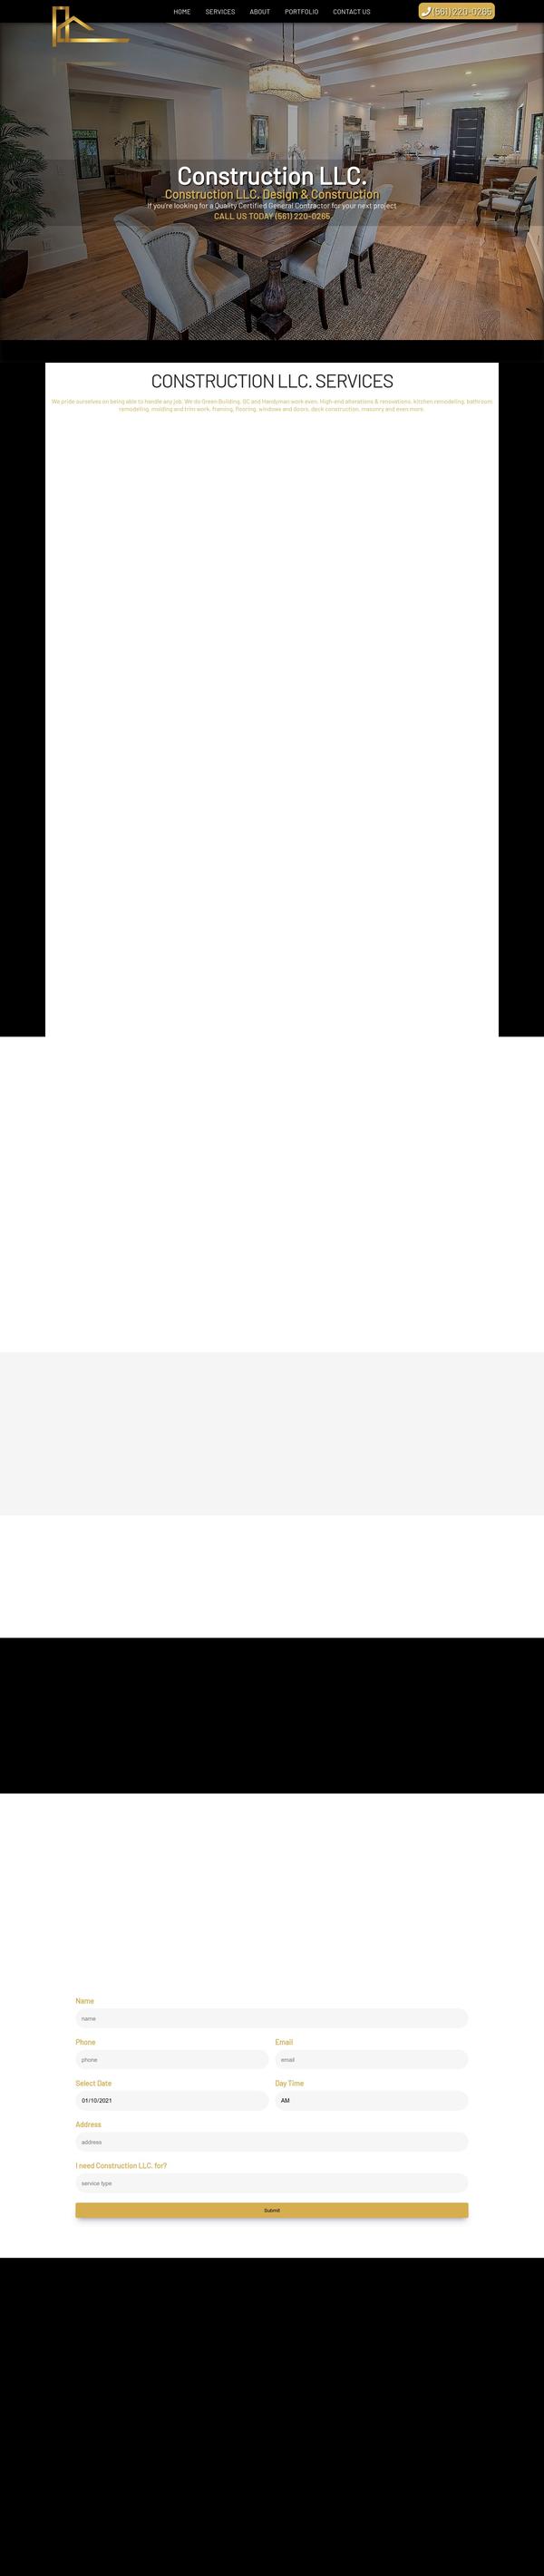 template screenshot